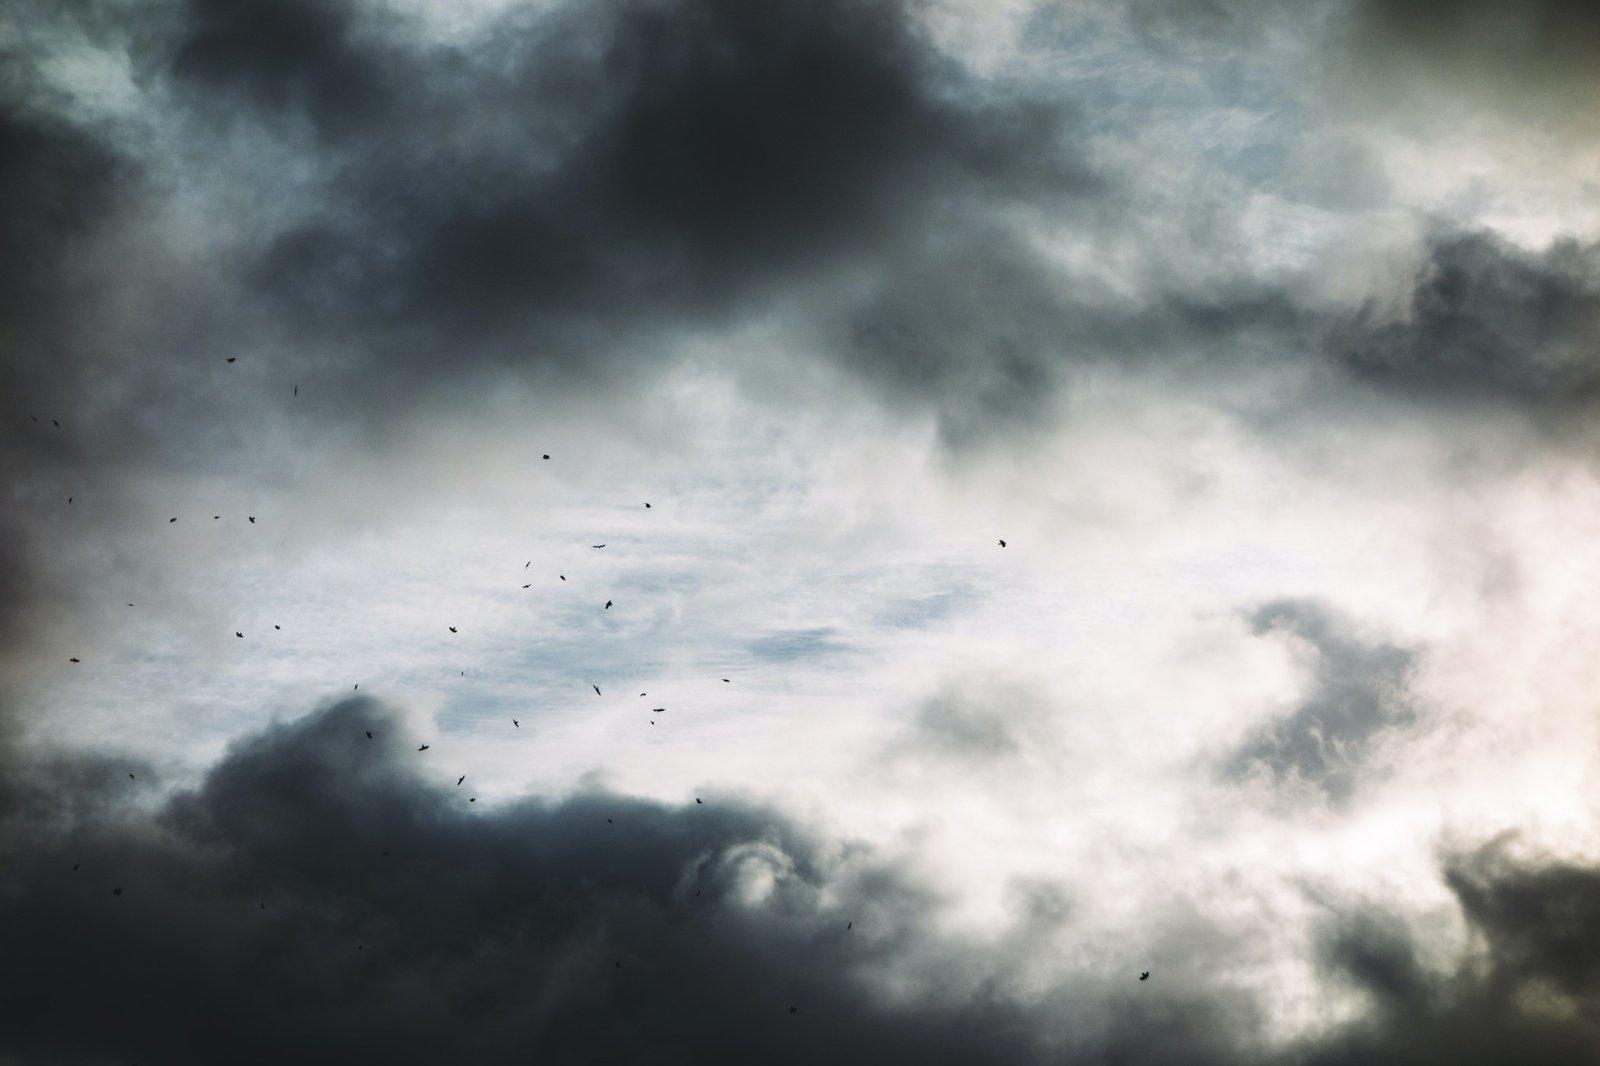 Raus stogus ir vers medžius: Lietuvą vis dažniau siaubs audros ir pūgos